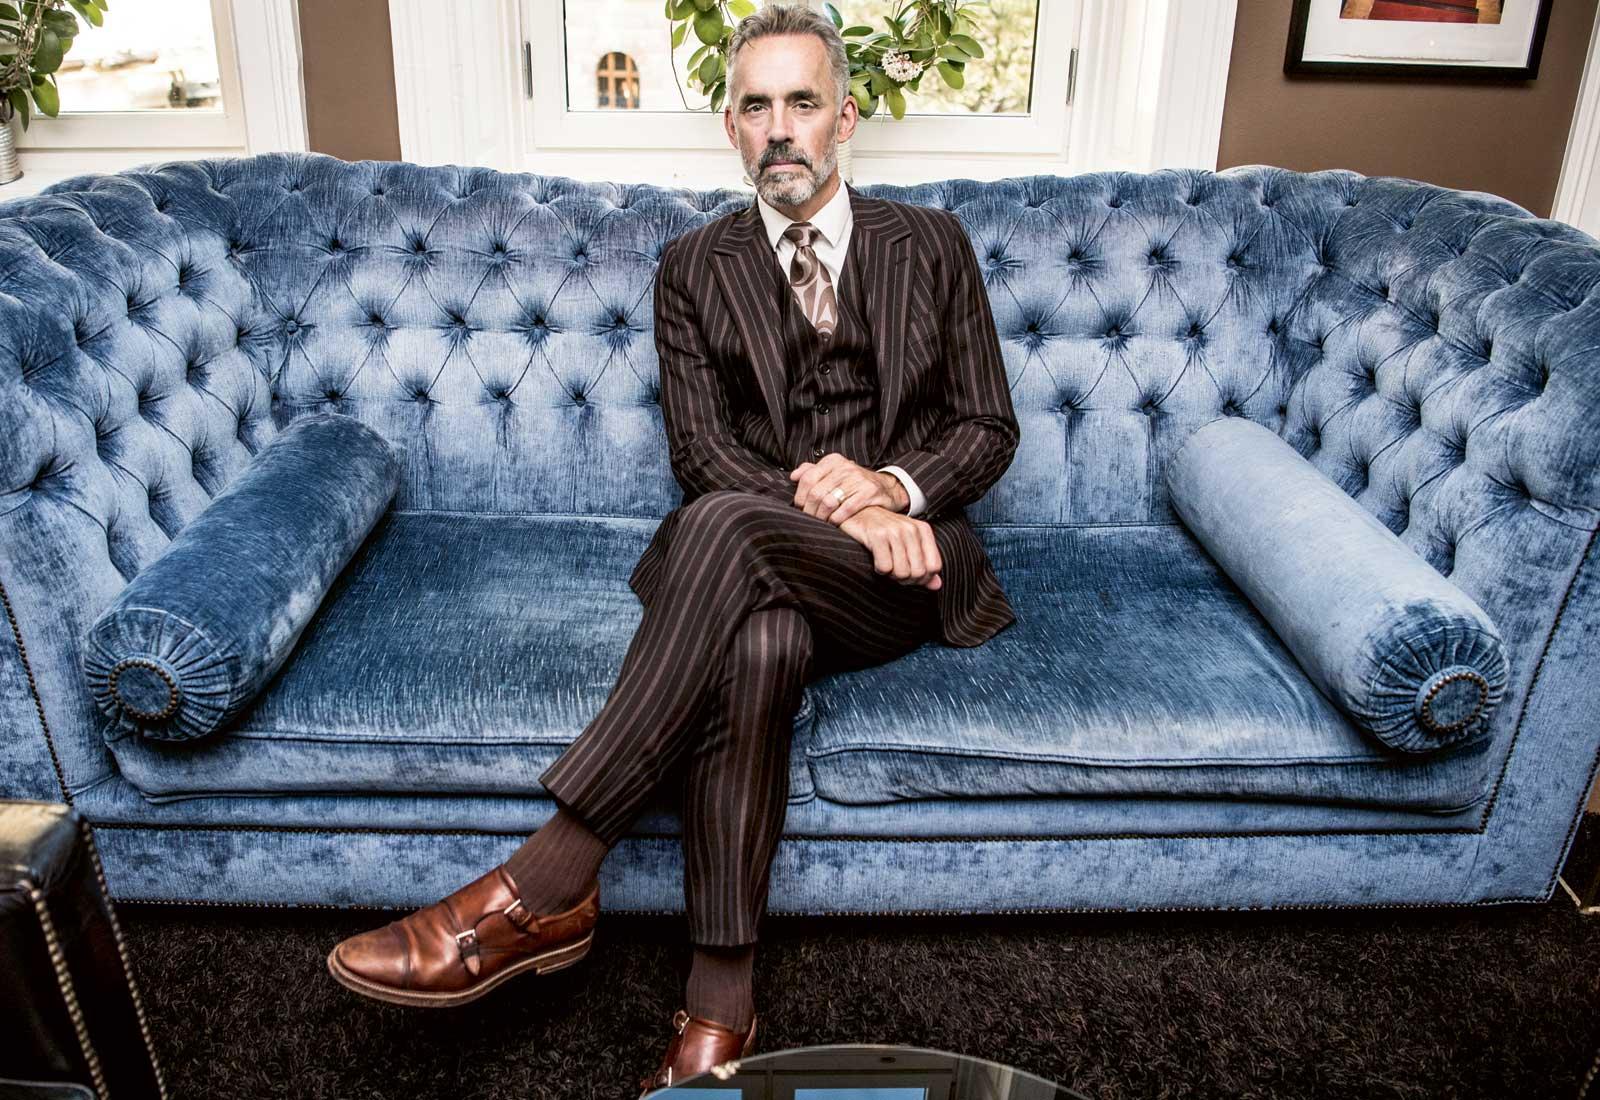 Jordan B. Peterson, i klädd en brun kostym med kritstrecksränder, i en stor blå soffa.